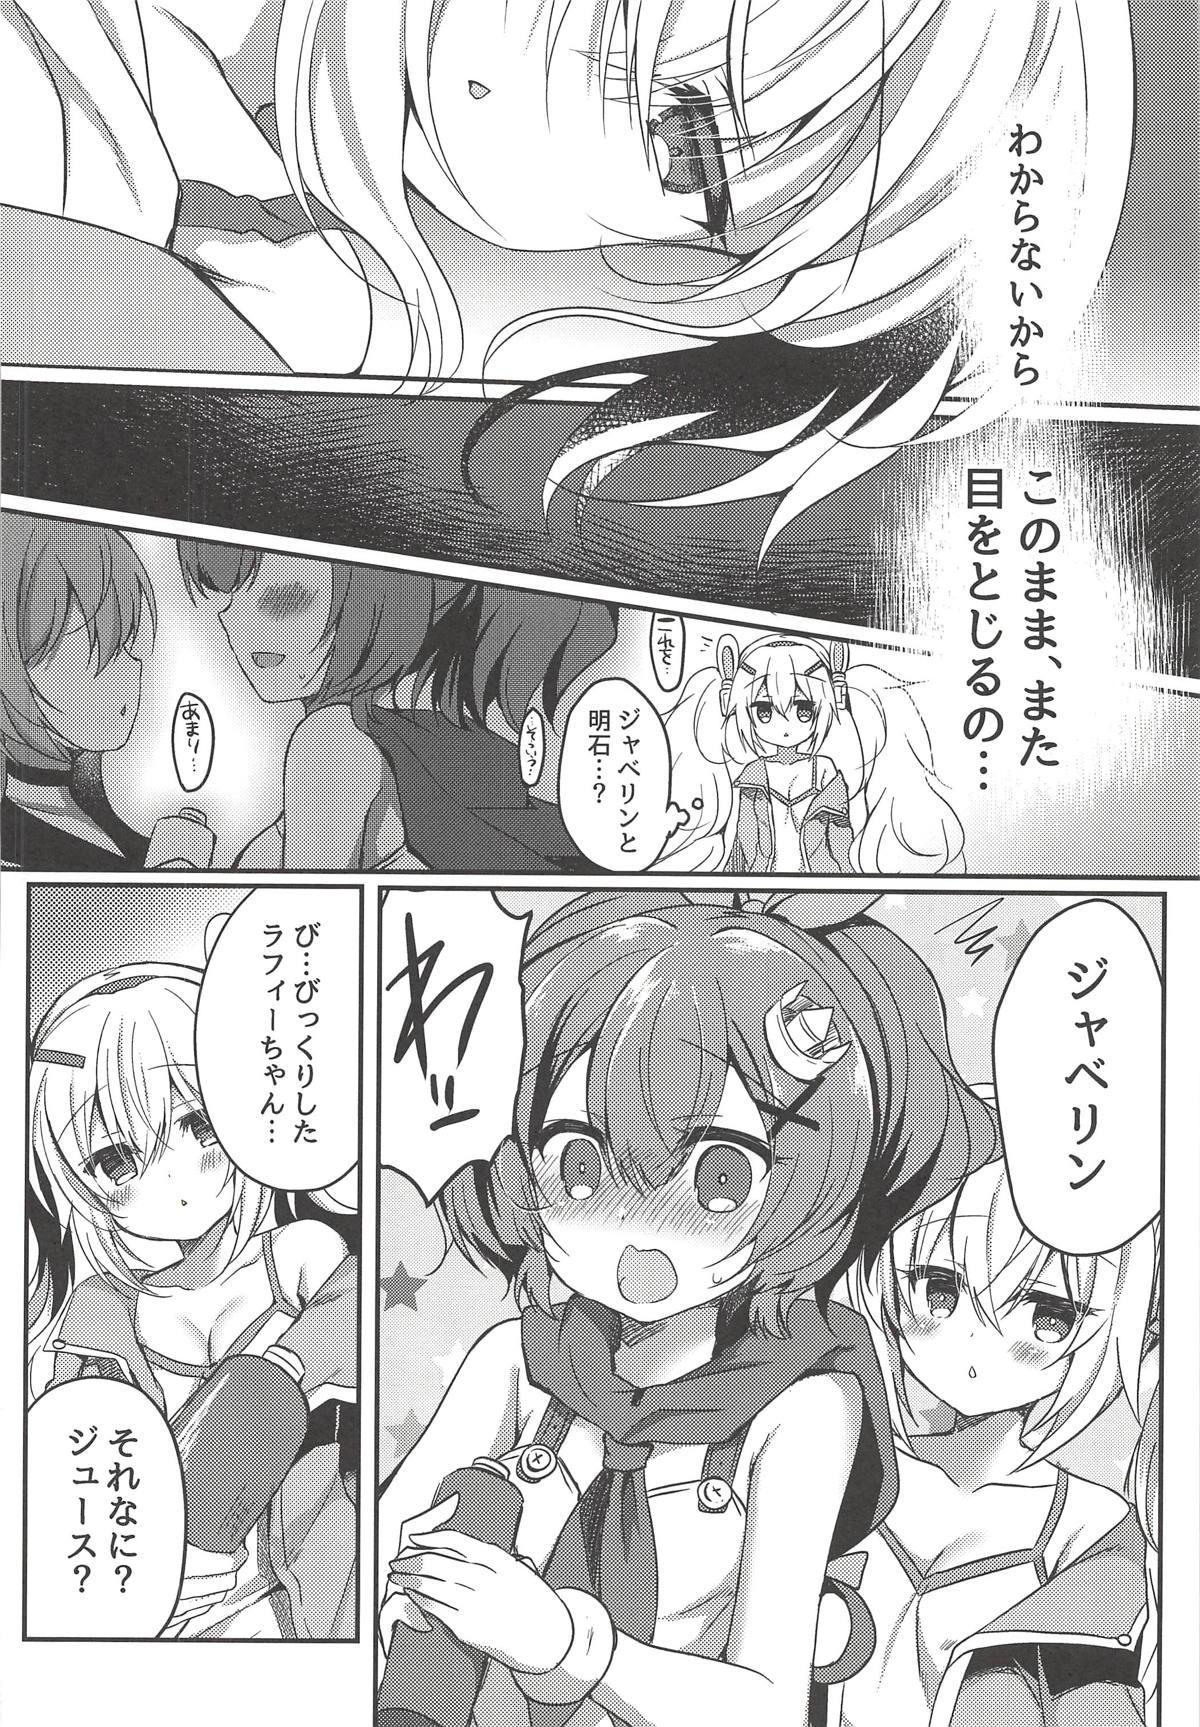 Yumemiru Usagi wa Nani o Miru? 10